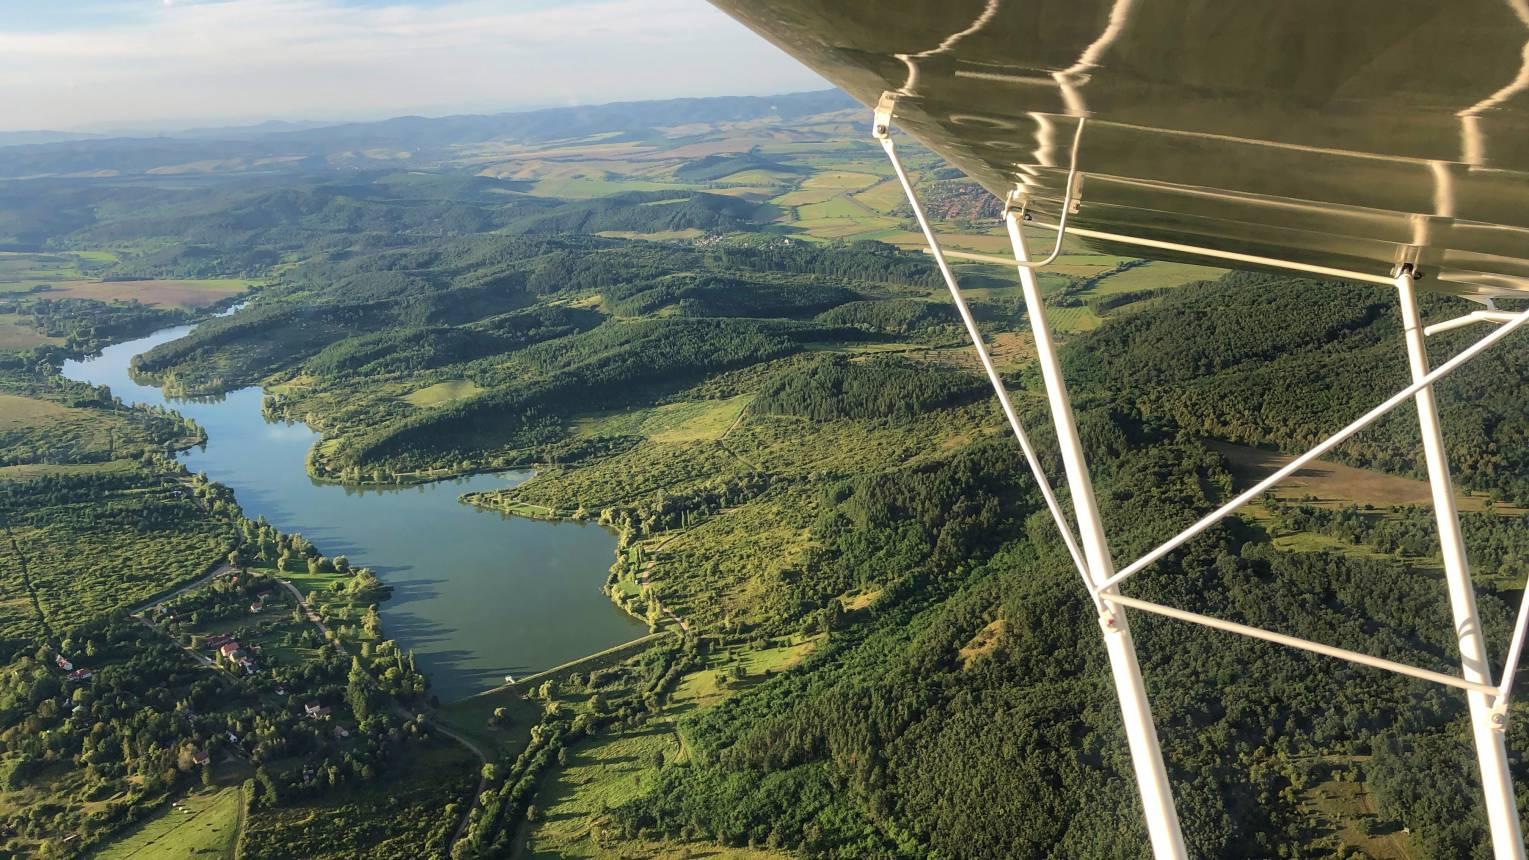 Élményrepülés az egri borvidék és a bükk lankái felett